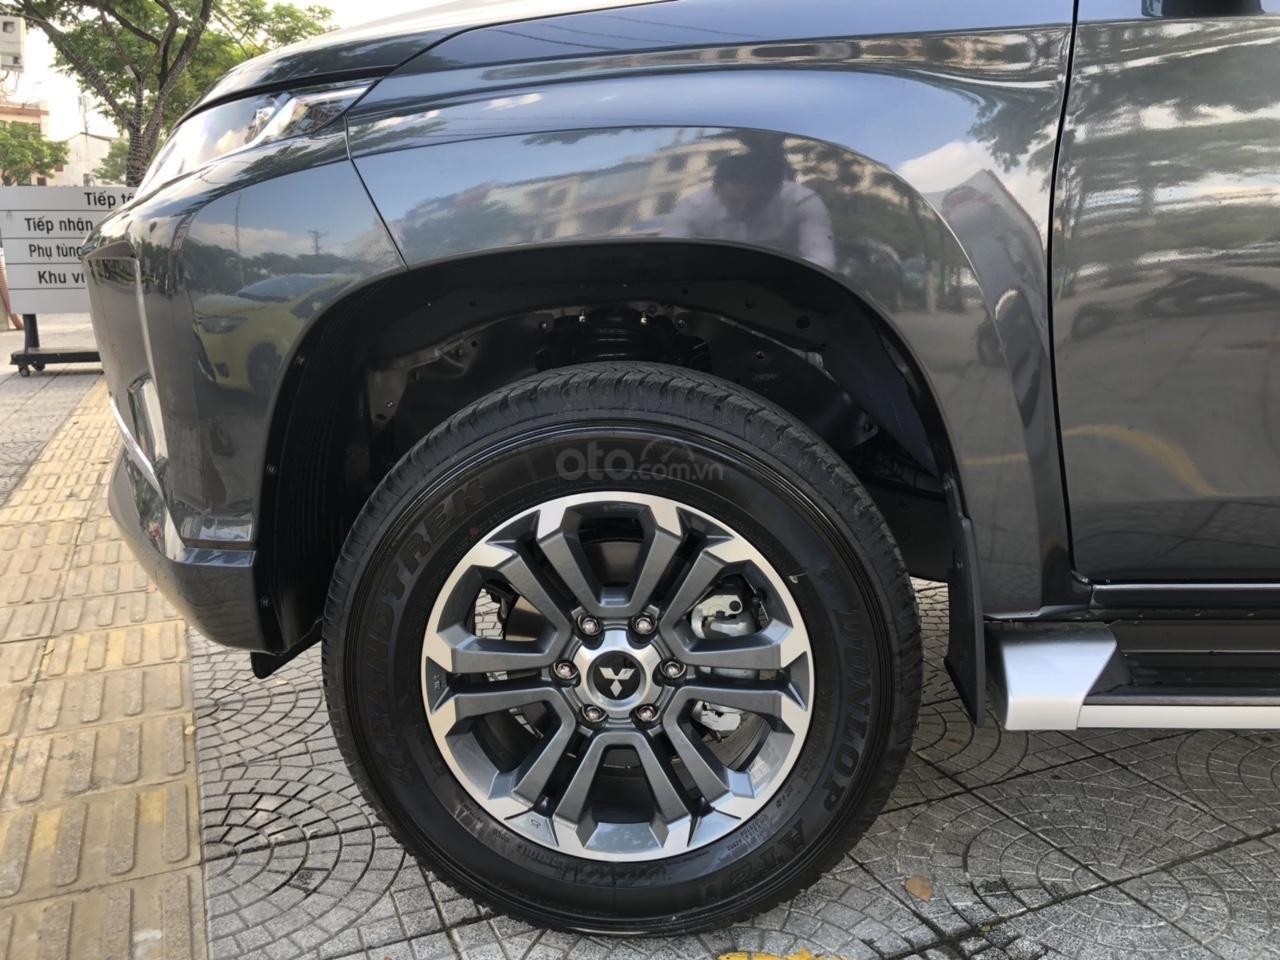 Mitsubishi Triton số tự động, thiết kế mới cực đẹp, giá cực rẻ. Gọi: 0905.91.01.99 (6)